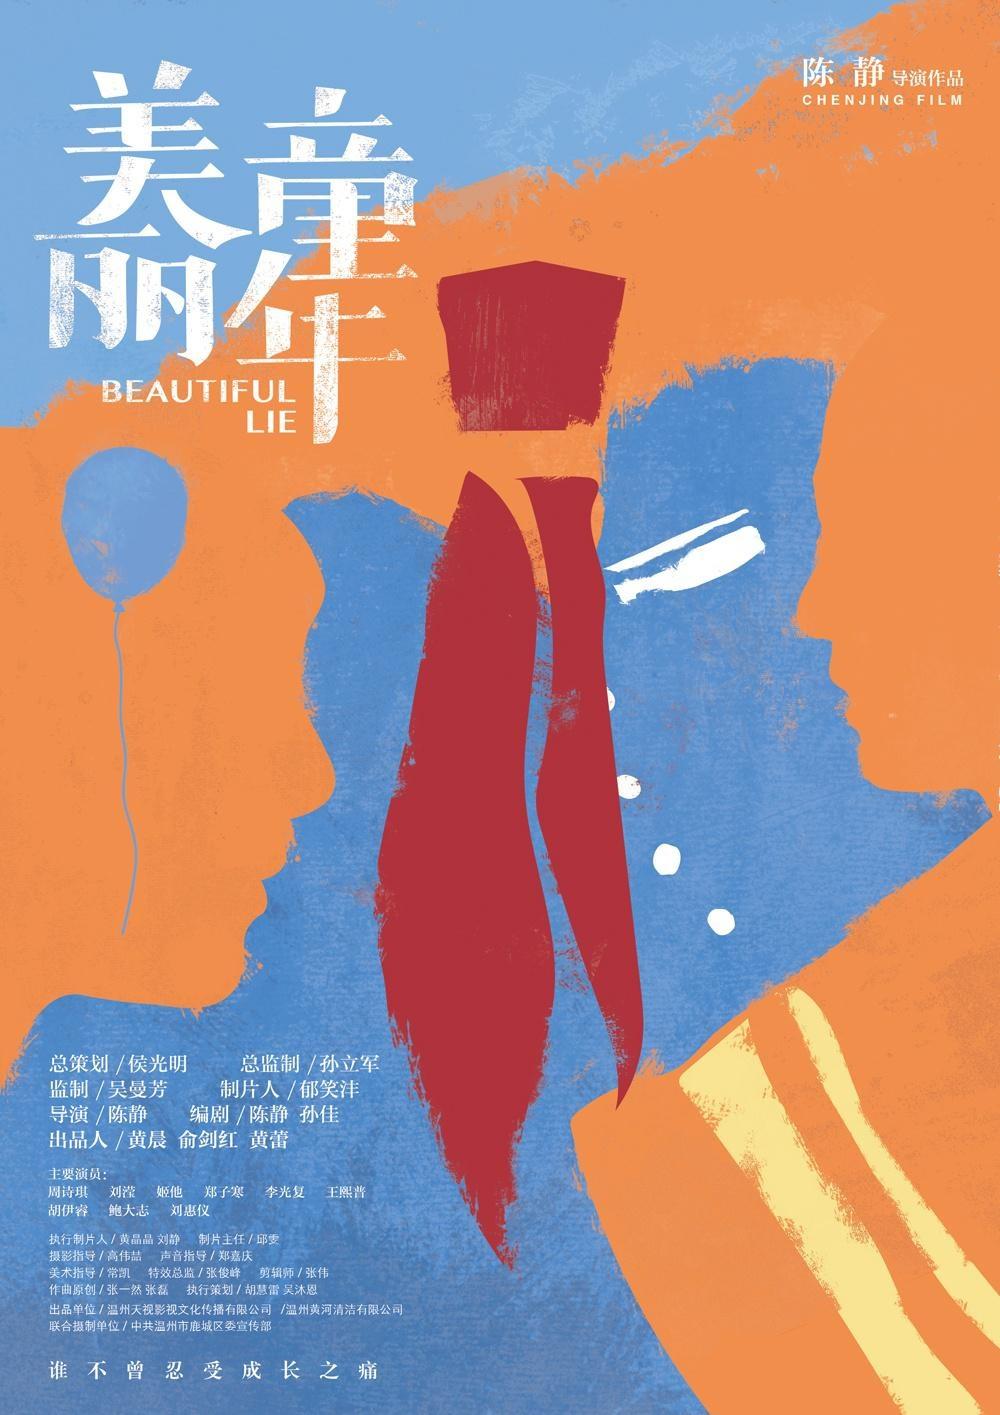 《美丽童年》北电首映 导演:不仅仅是一部儿童片